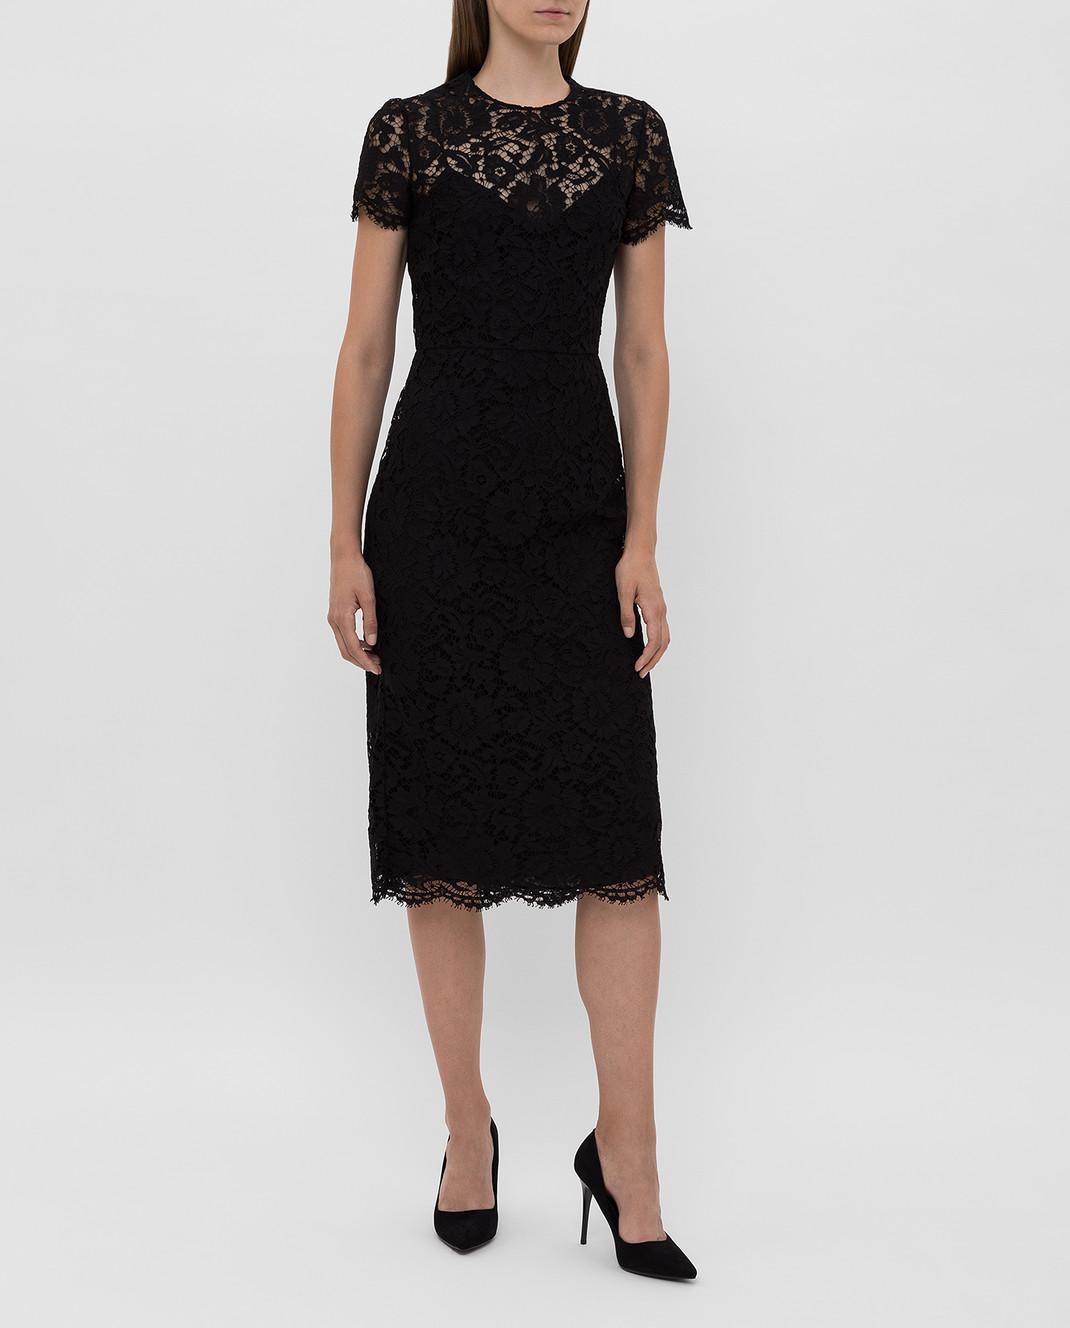 Valentino Черное платье из кружева SB3VABP51EC изображение 2